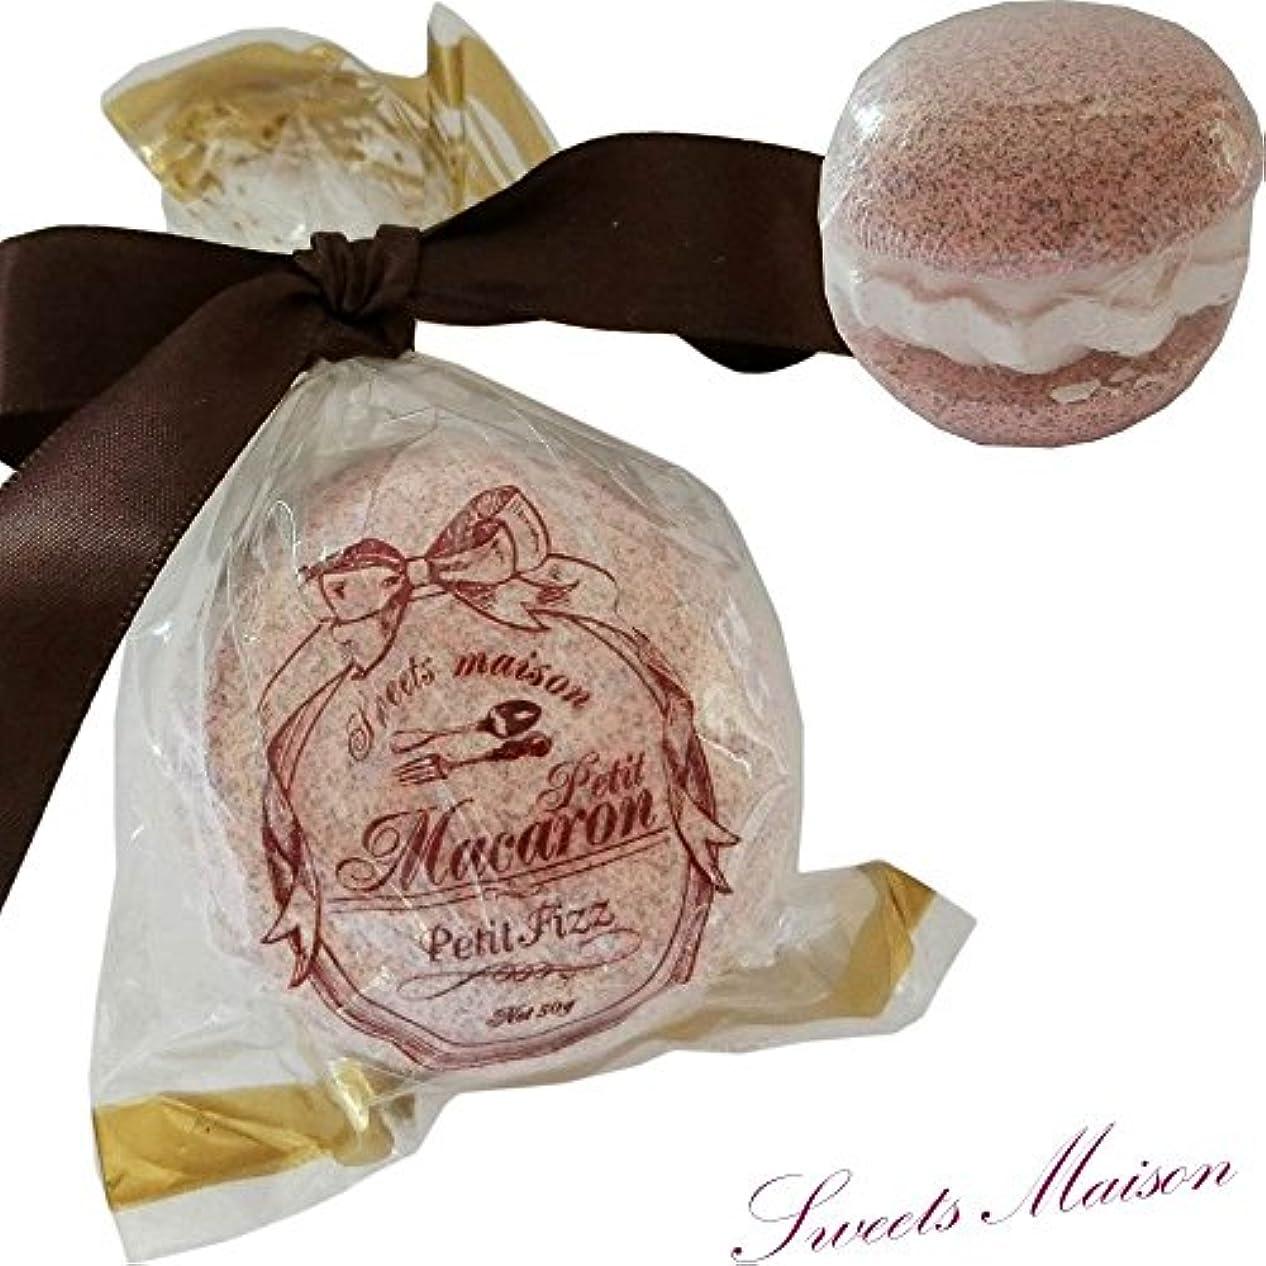 大人不良明らかにする【Sweets Maison】プチマカロンフィズ ビターなマンダリン&チョコレートの香り 1個